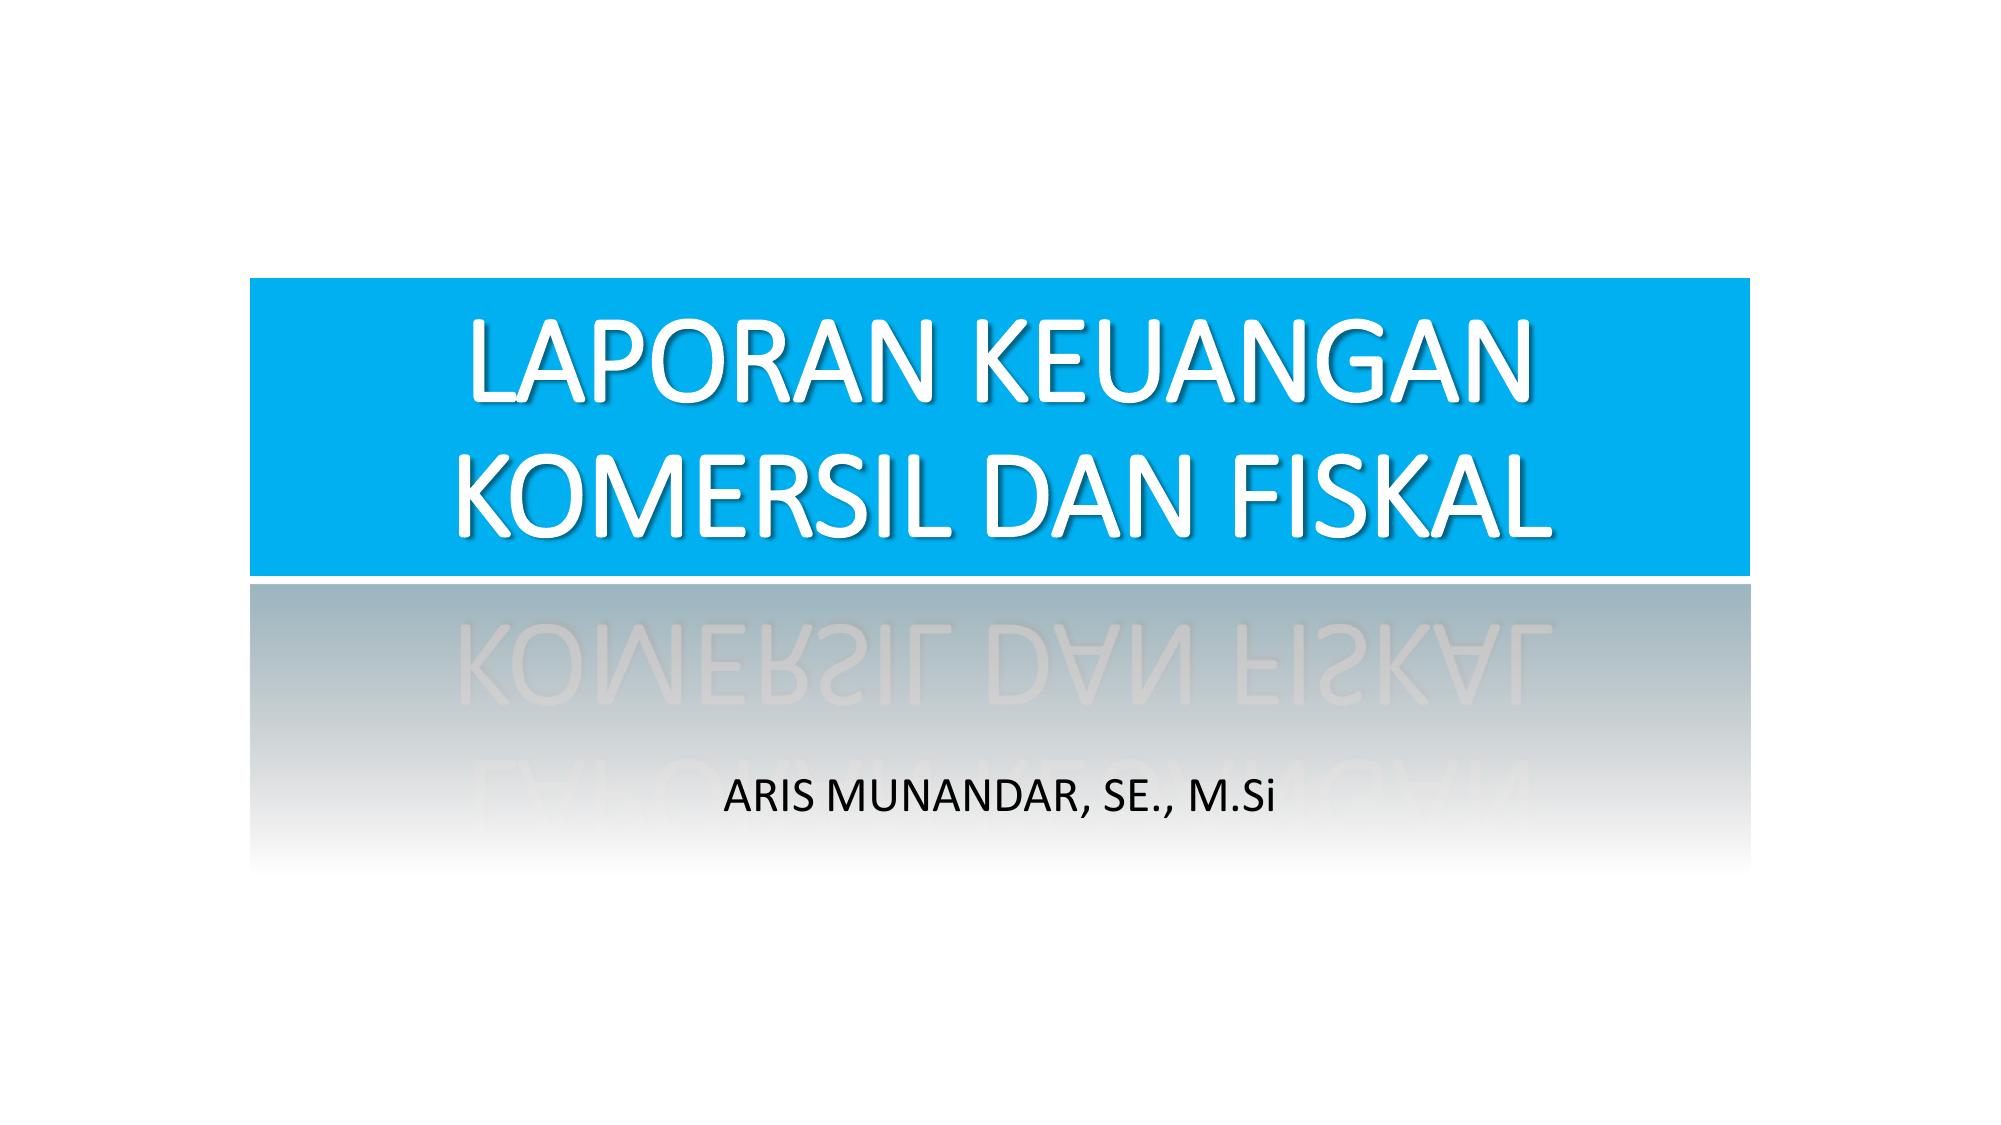 Laporan Keuangan Komersil Dan Fiskal